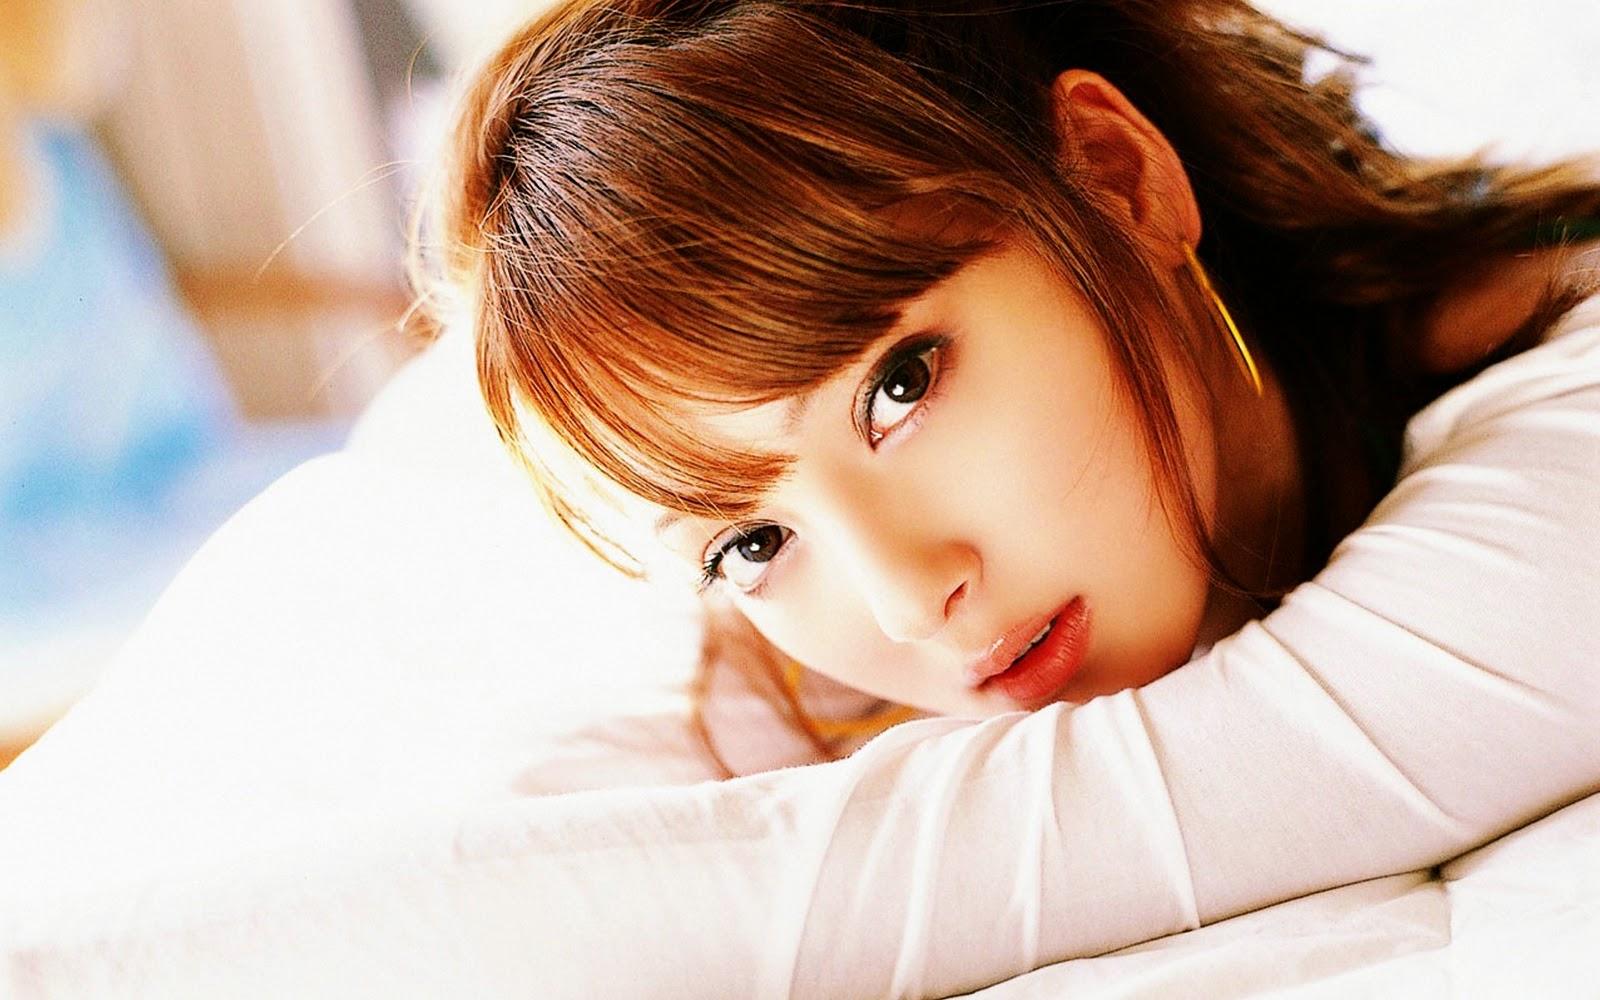 Wallpapers de Chicas Japonesas en HD - Fondos de Pantalla de Chicas